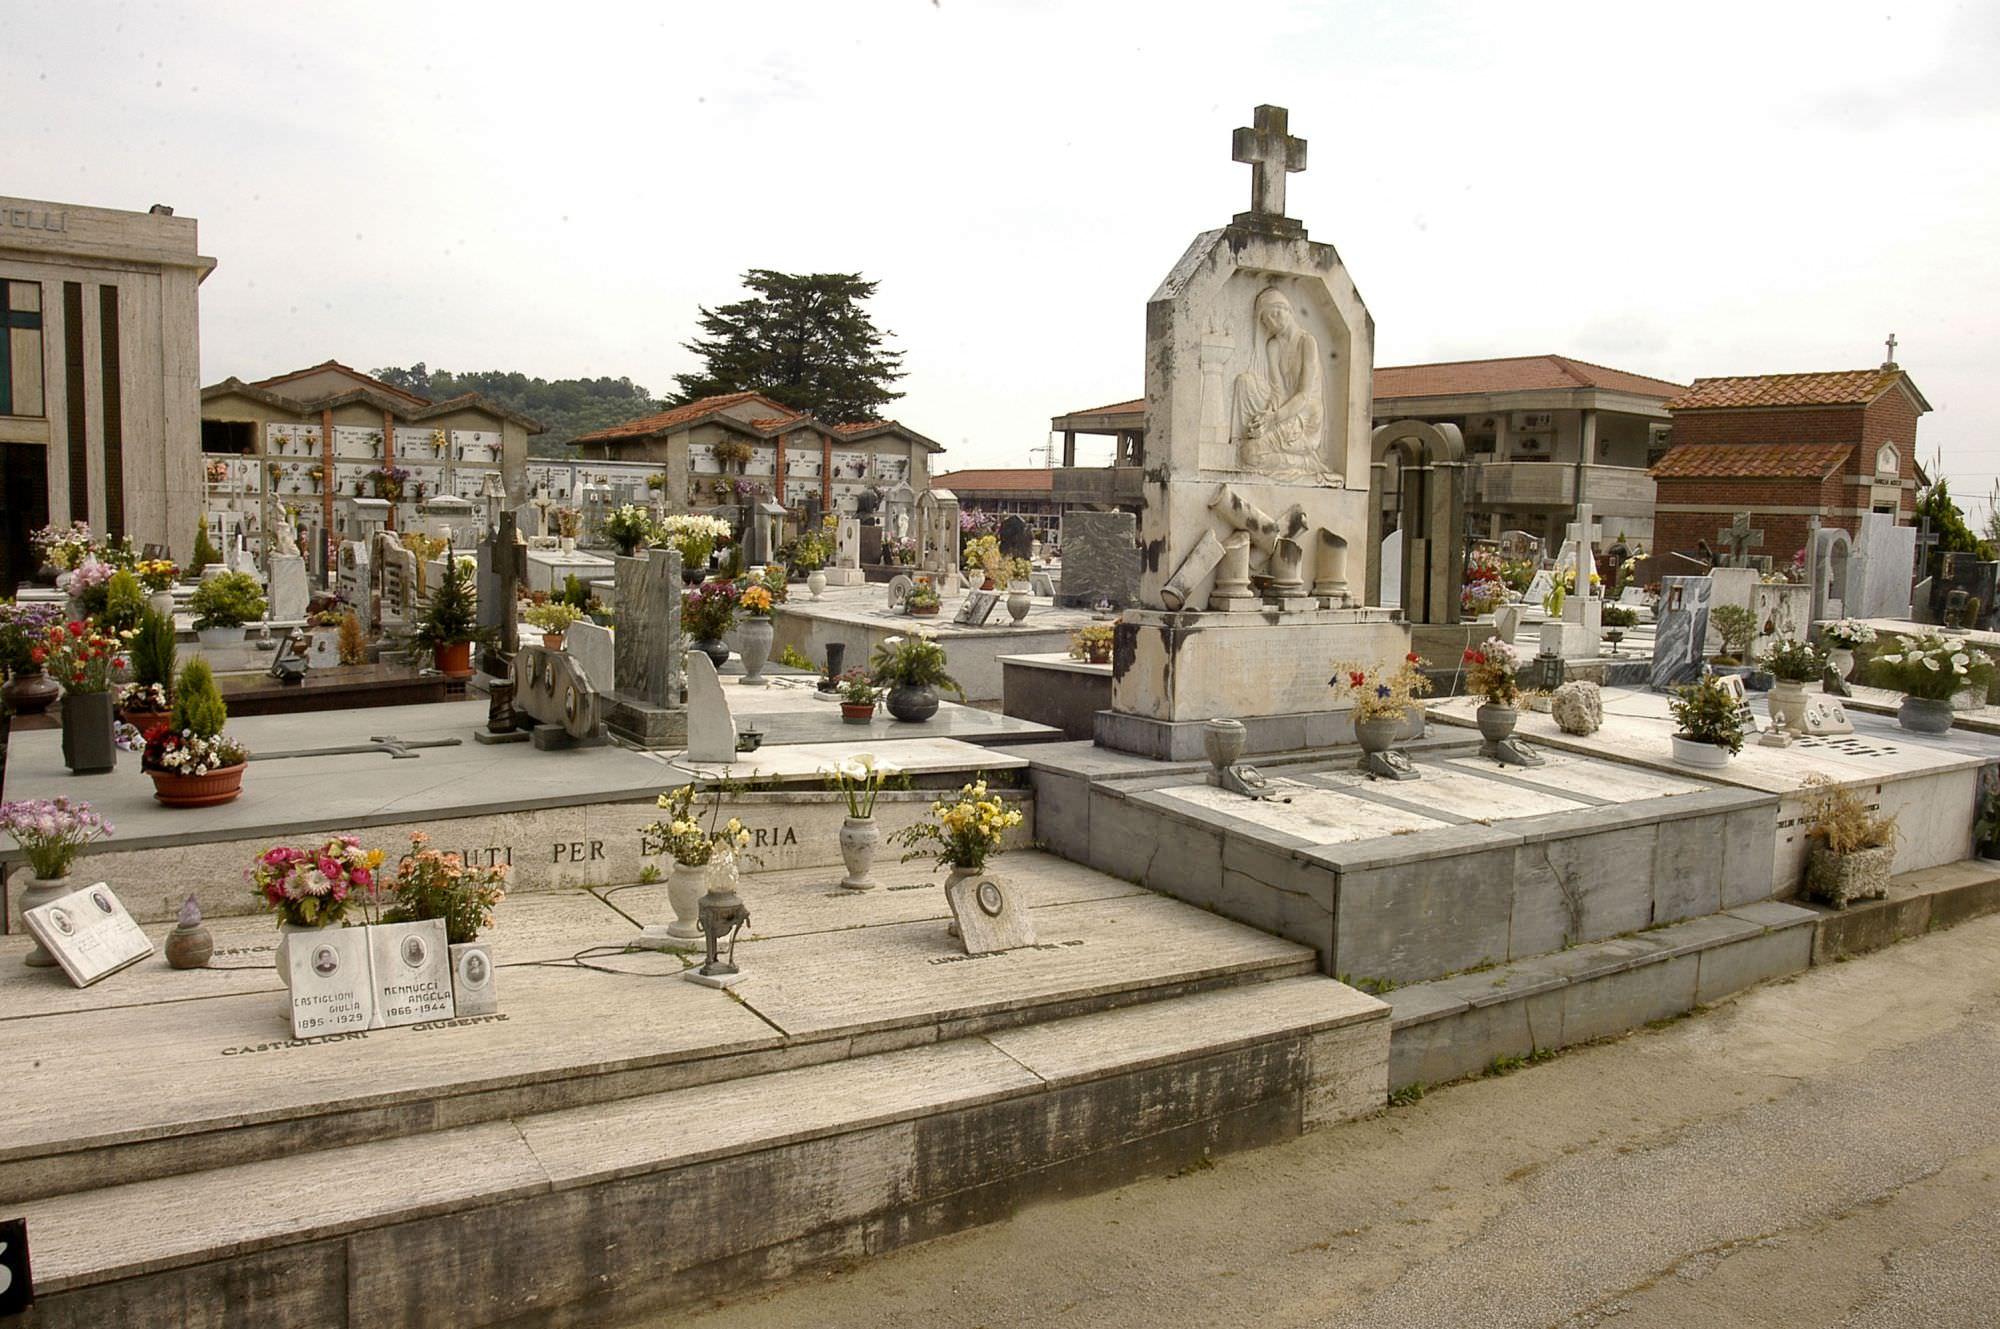 Spariscono i fiori dalle tombe. Nuovi furti al cimitero